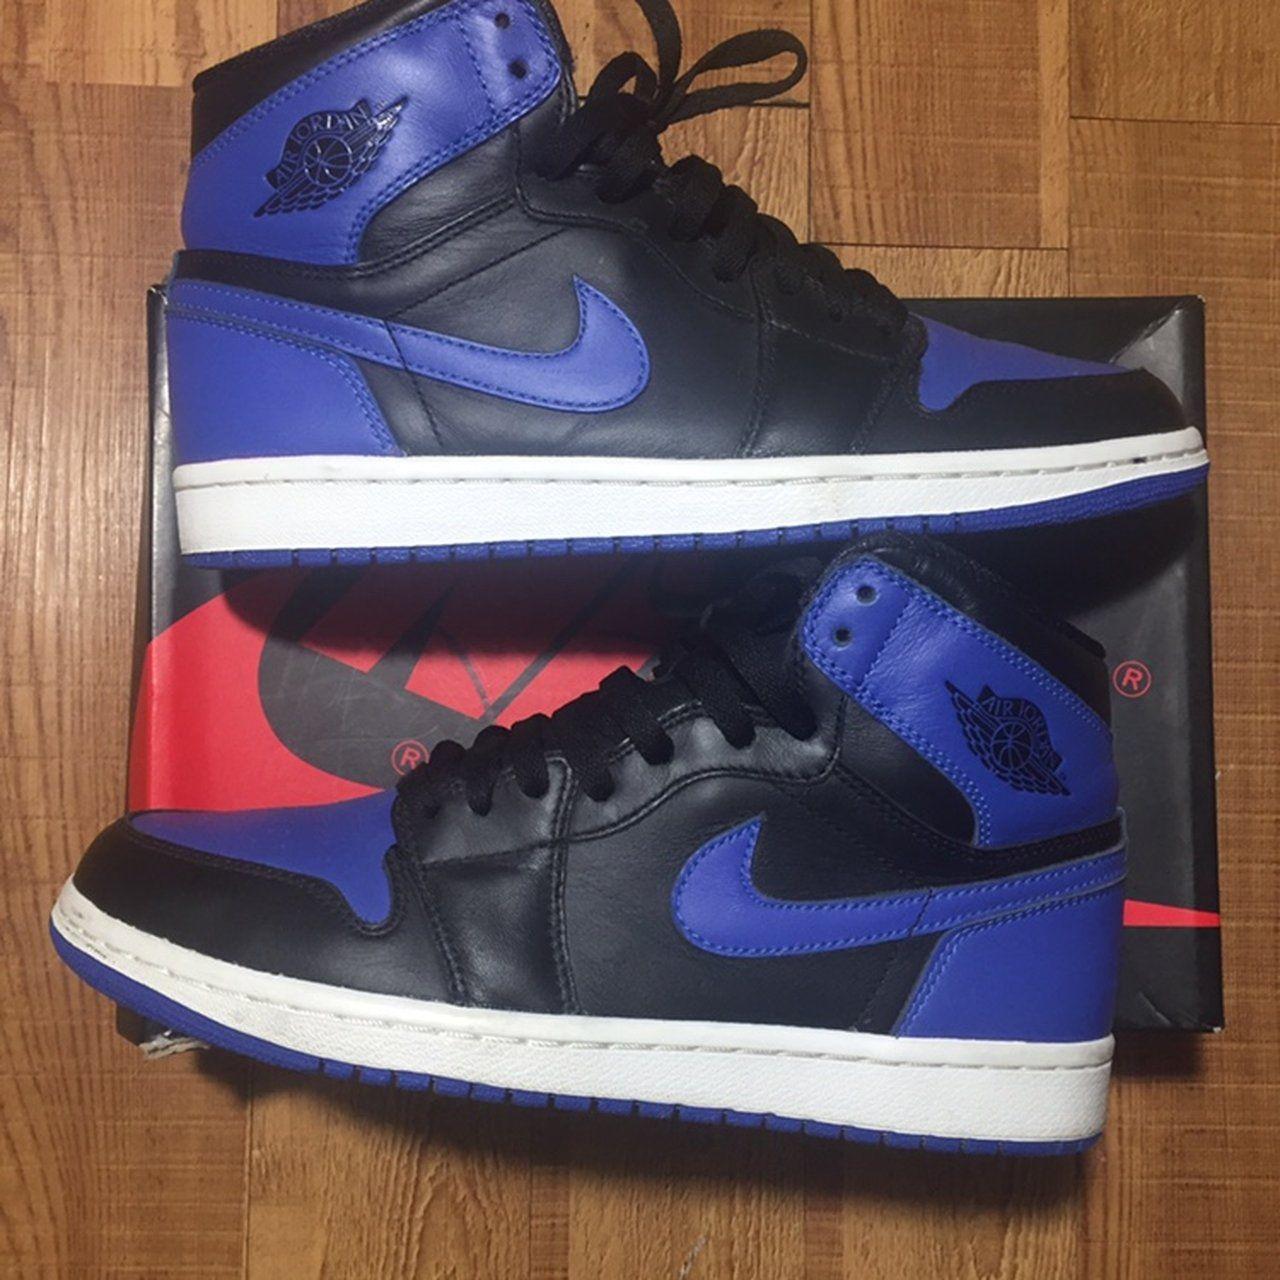 a700fd9fe95 2013 Air Jordan 1 Royal OG high Size 8.5 men s Shoes are ( - Depop